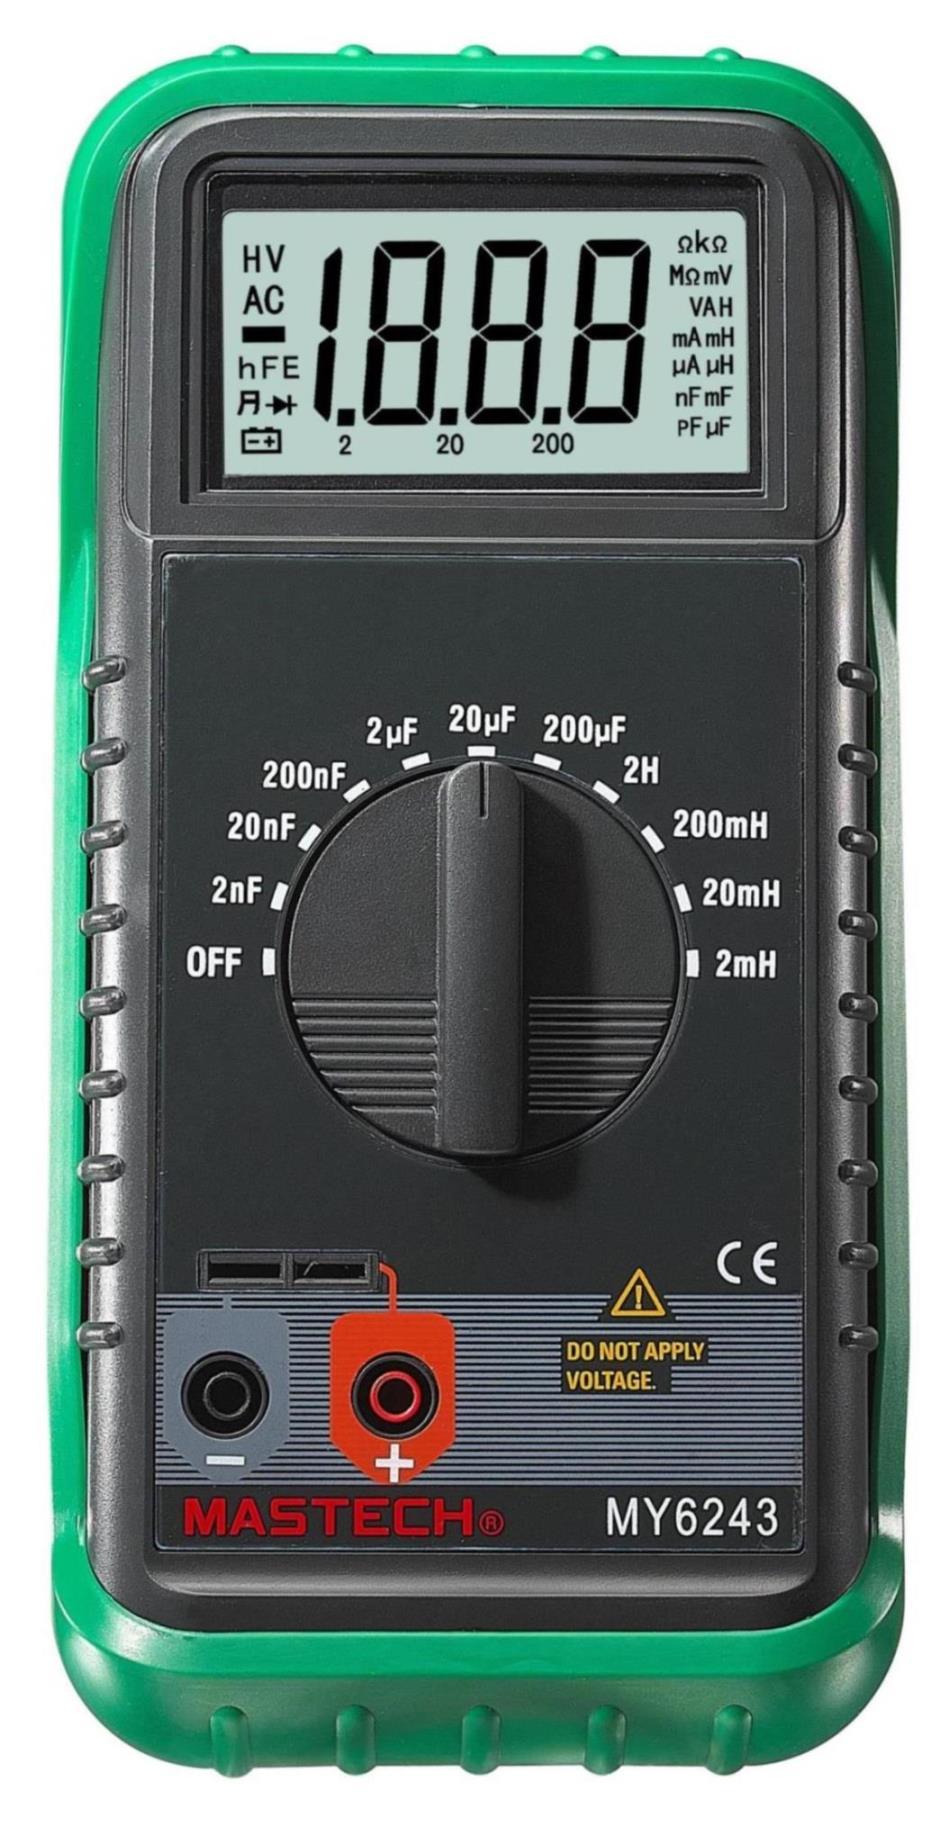 Digital Lc Meter Circuit